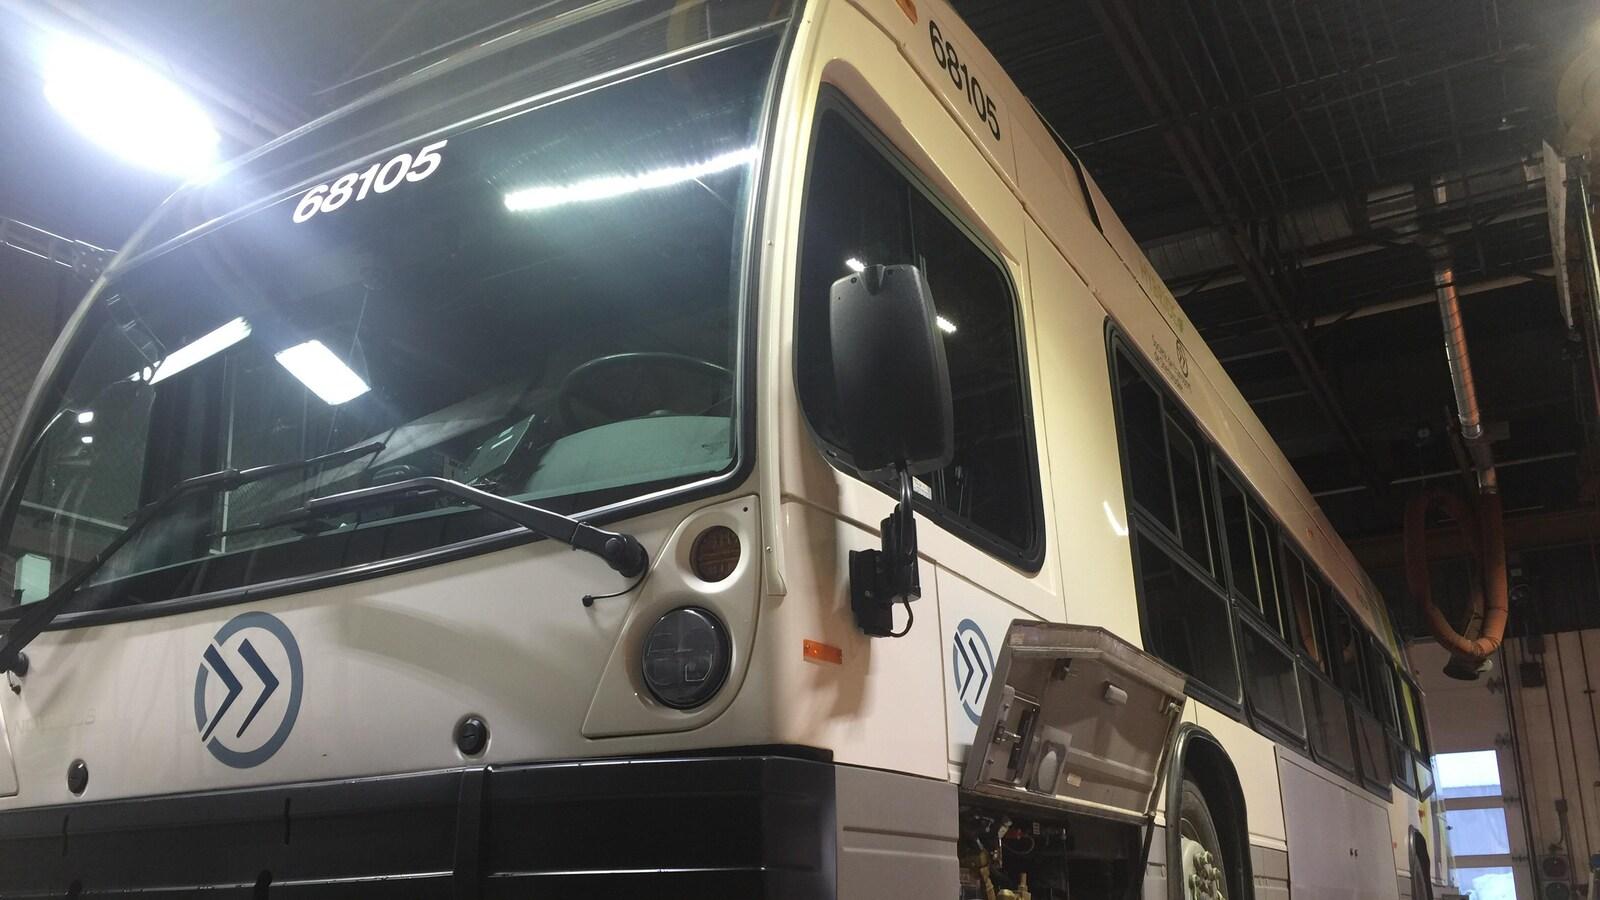 Un autobus de la STS, de type hybride Nova Bus, immobilisé pour inspection mécanique.